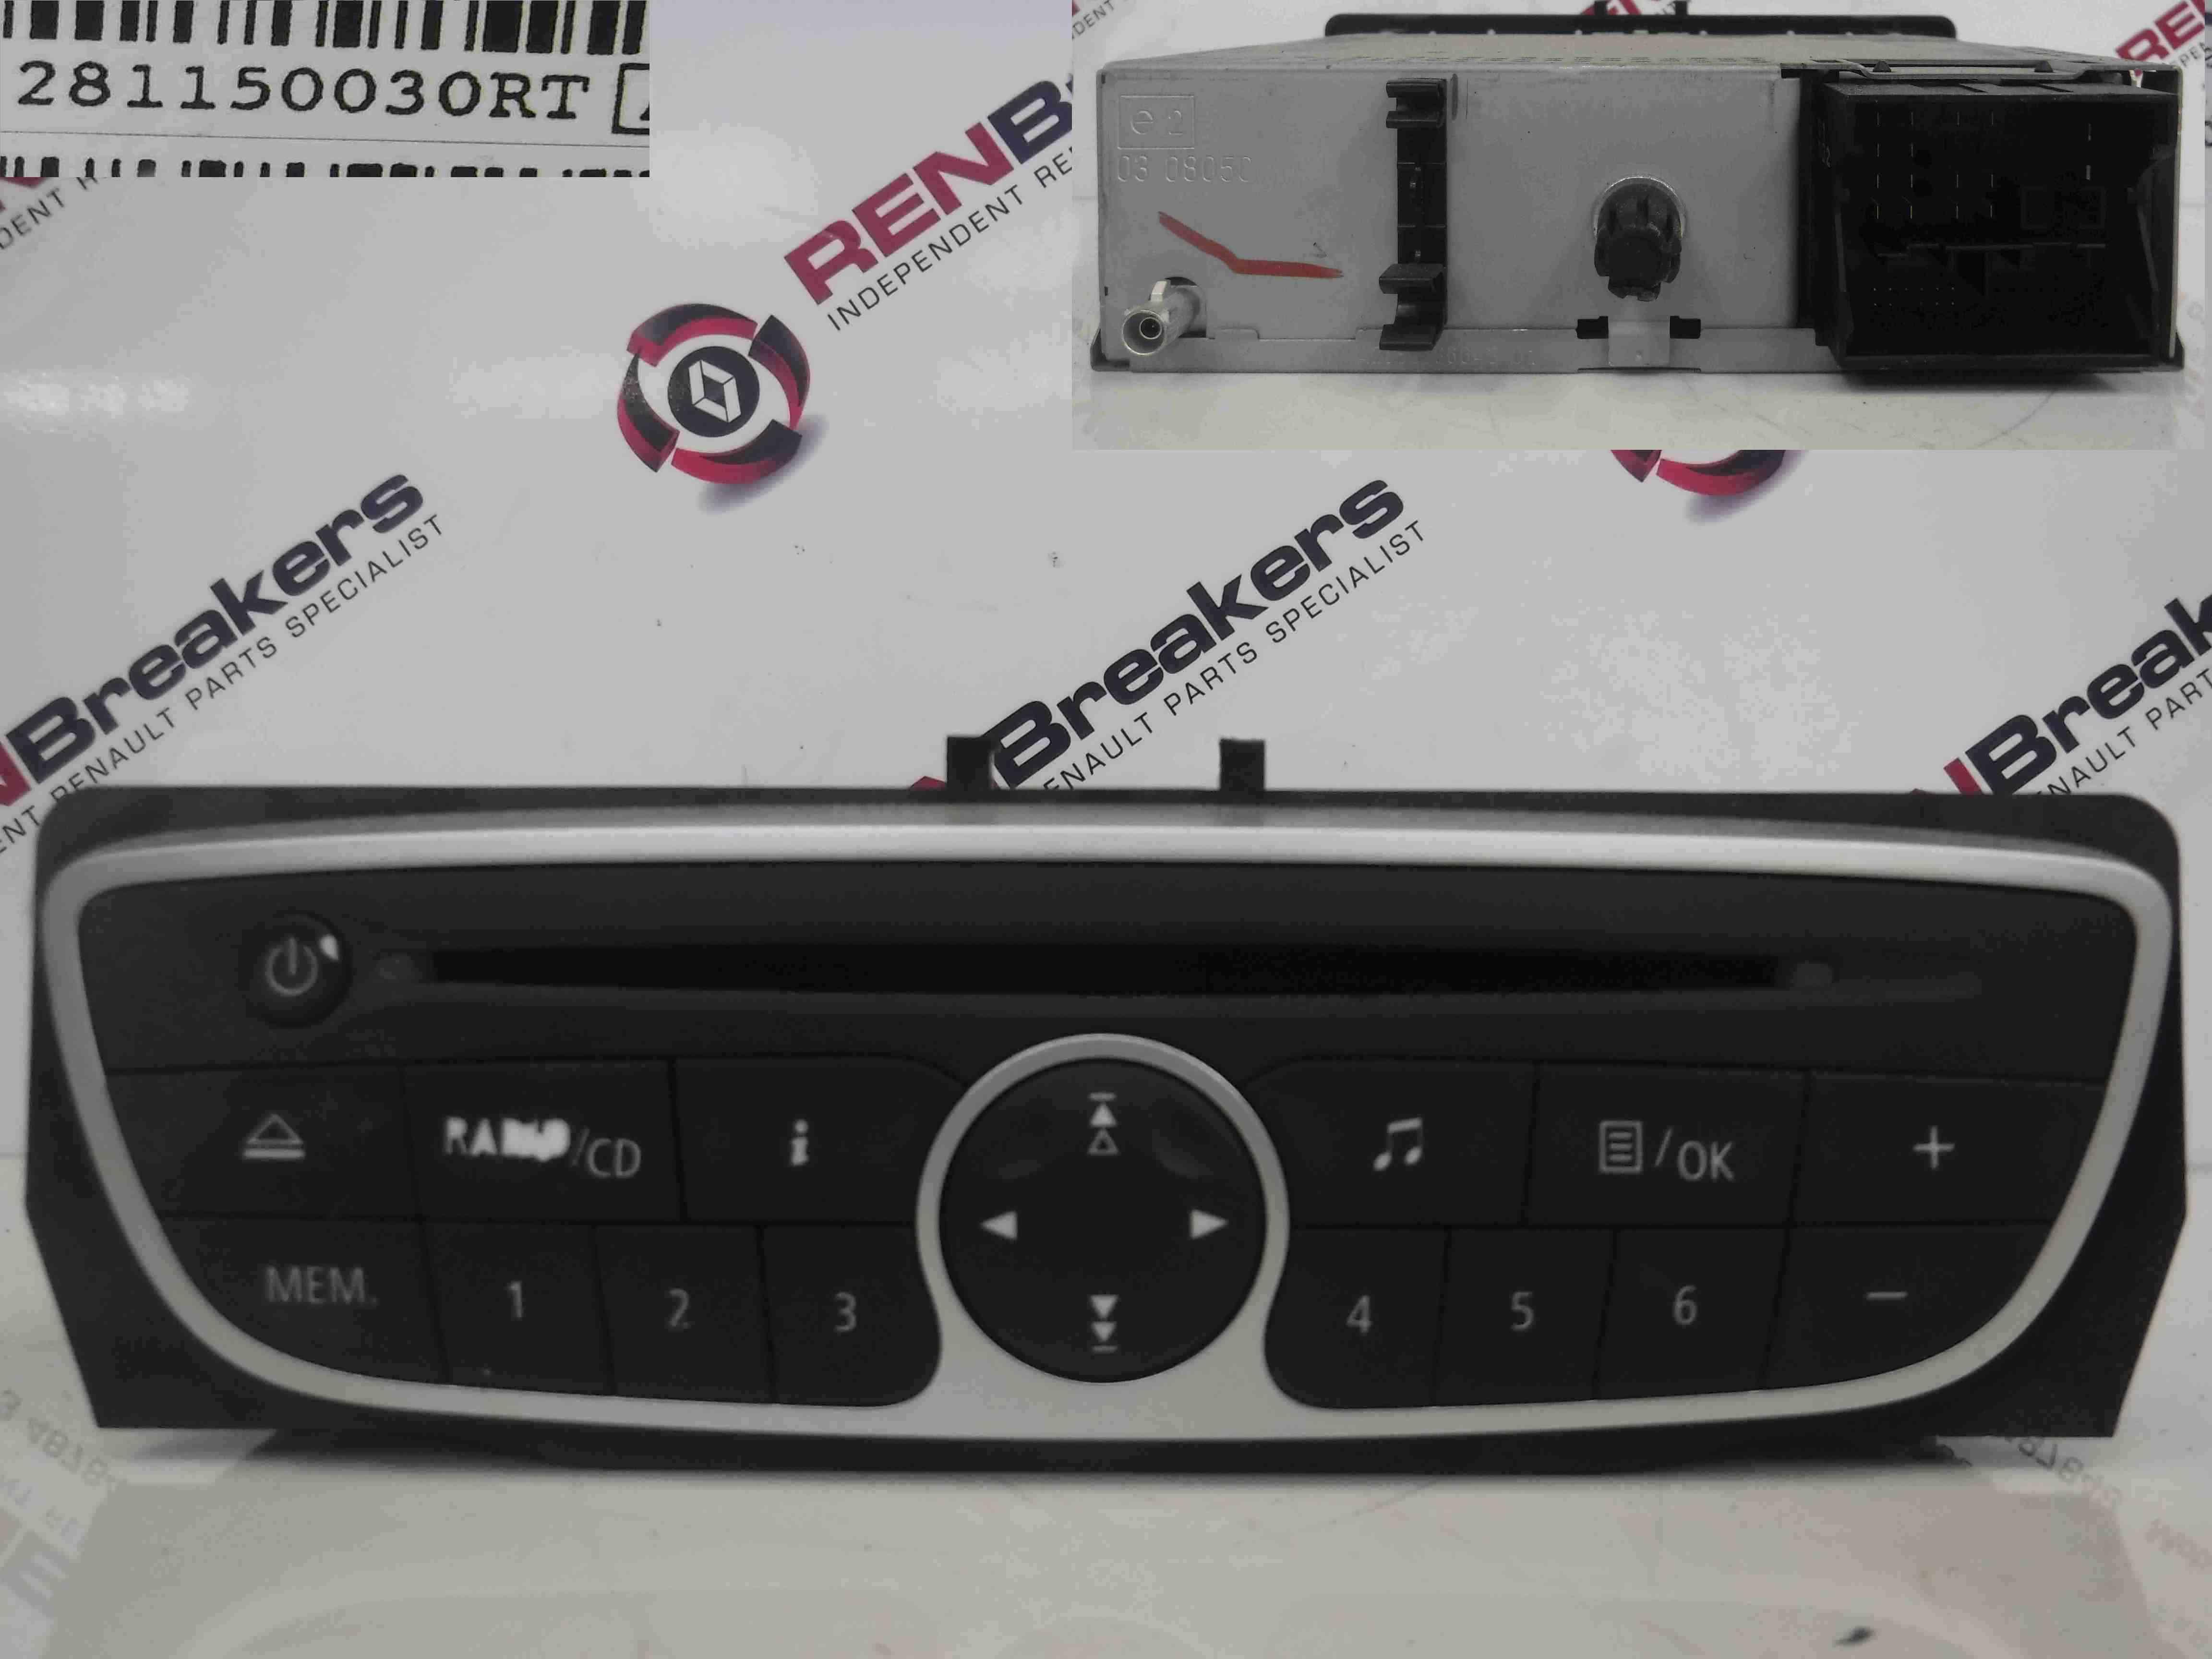 renault megane mk3 2008 2014 radio cd player unit code. Black Bedroom Furniture Sets. Home Design Ideas